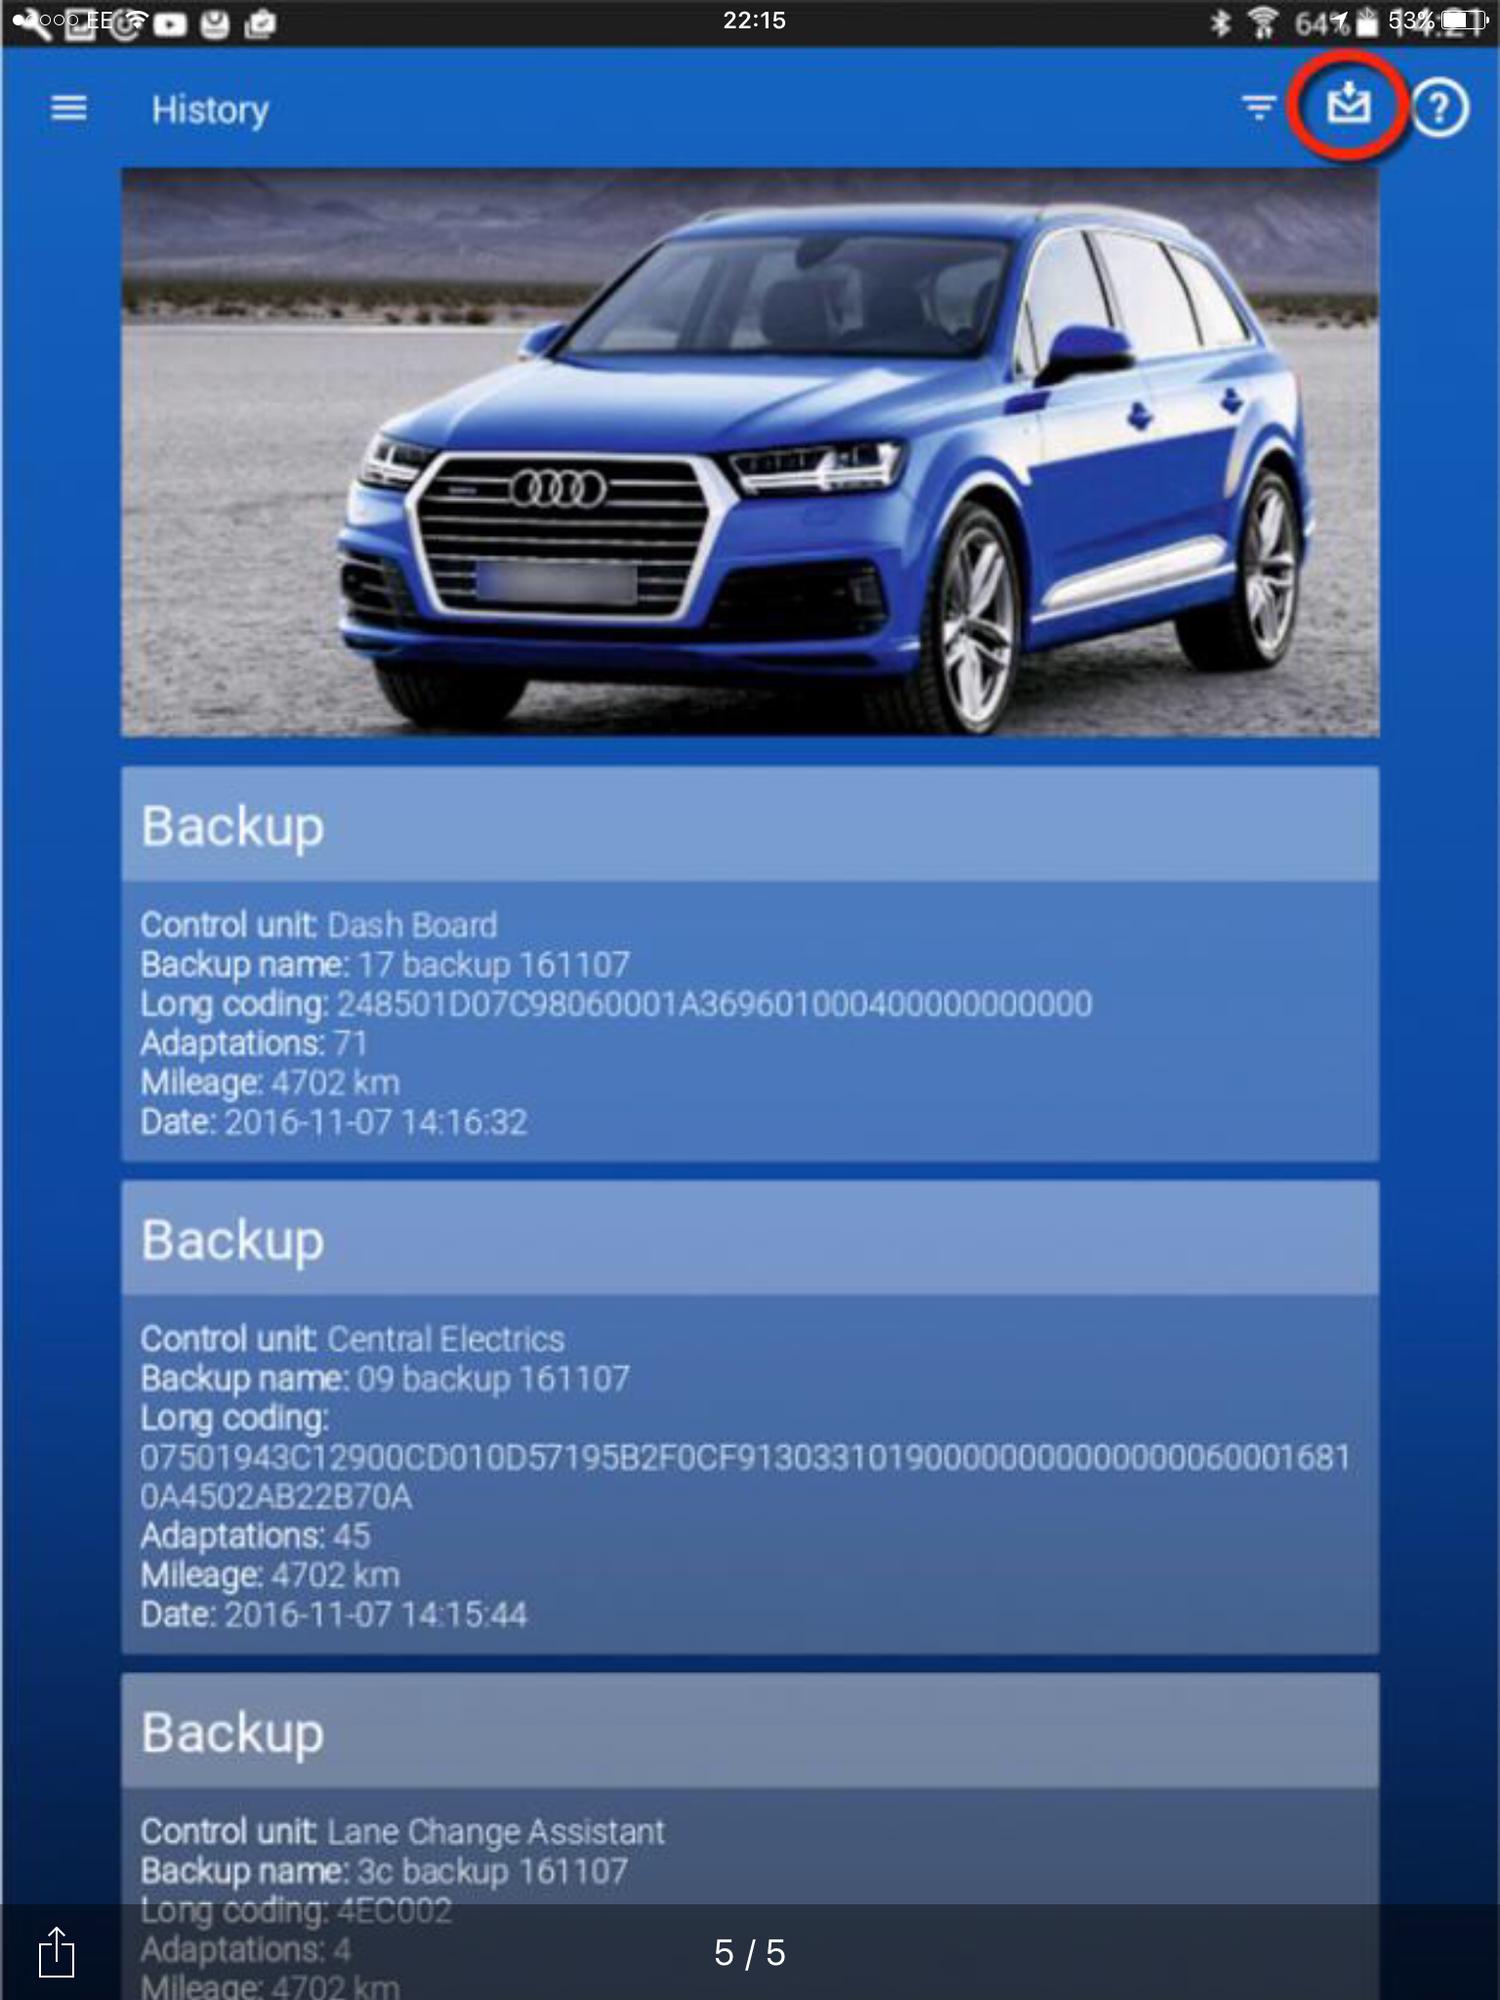 Obdeleven Audi Q7